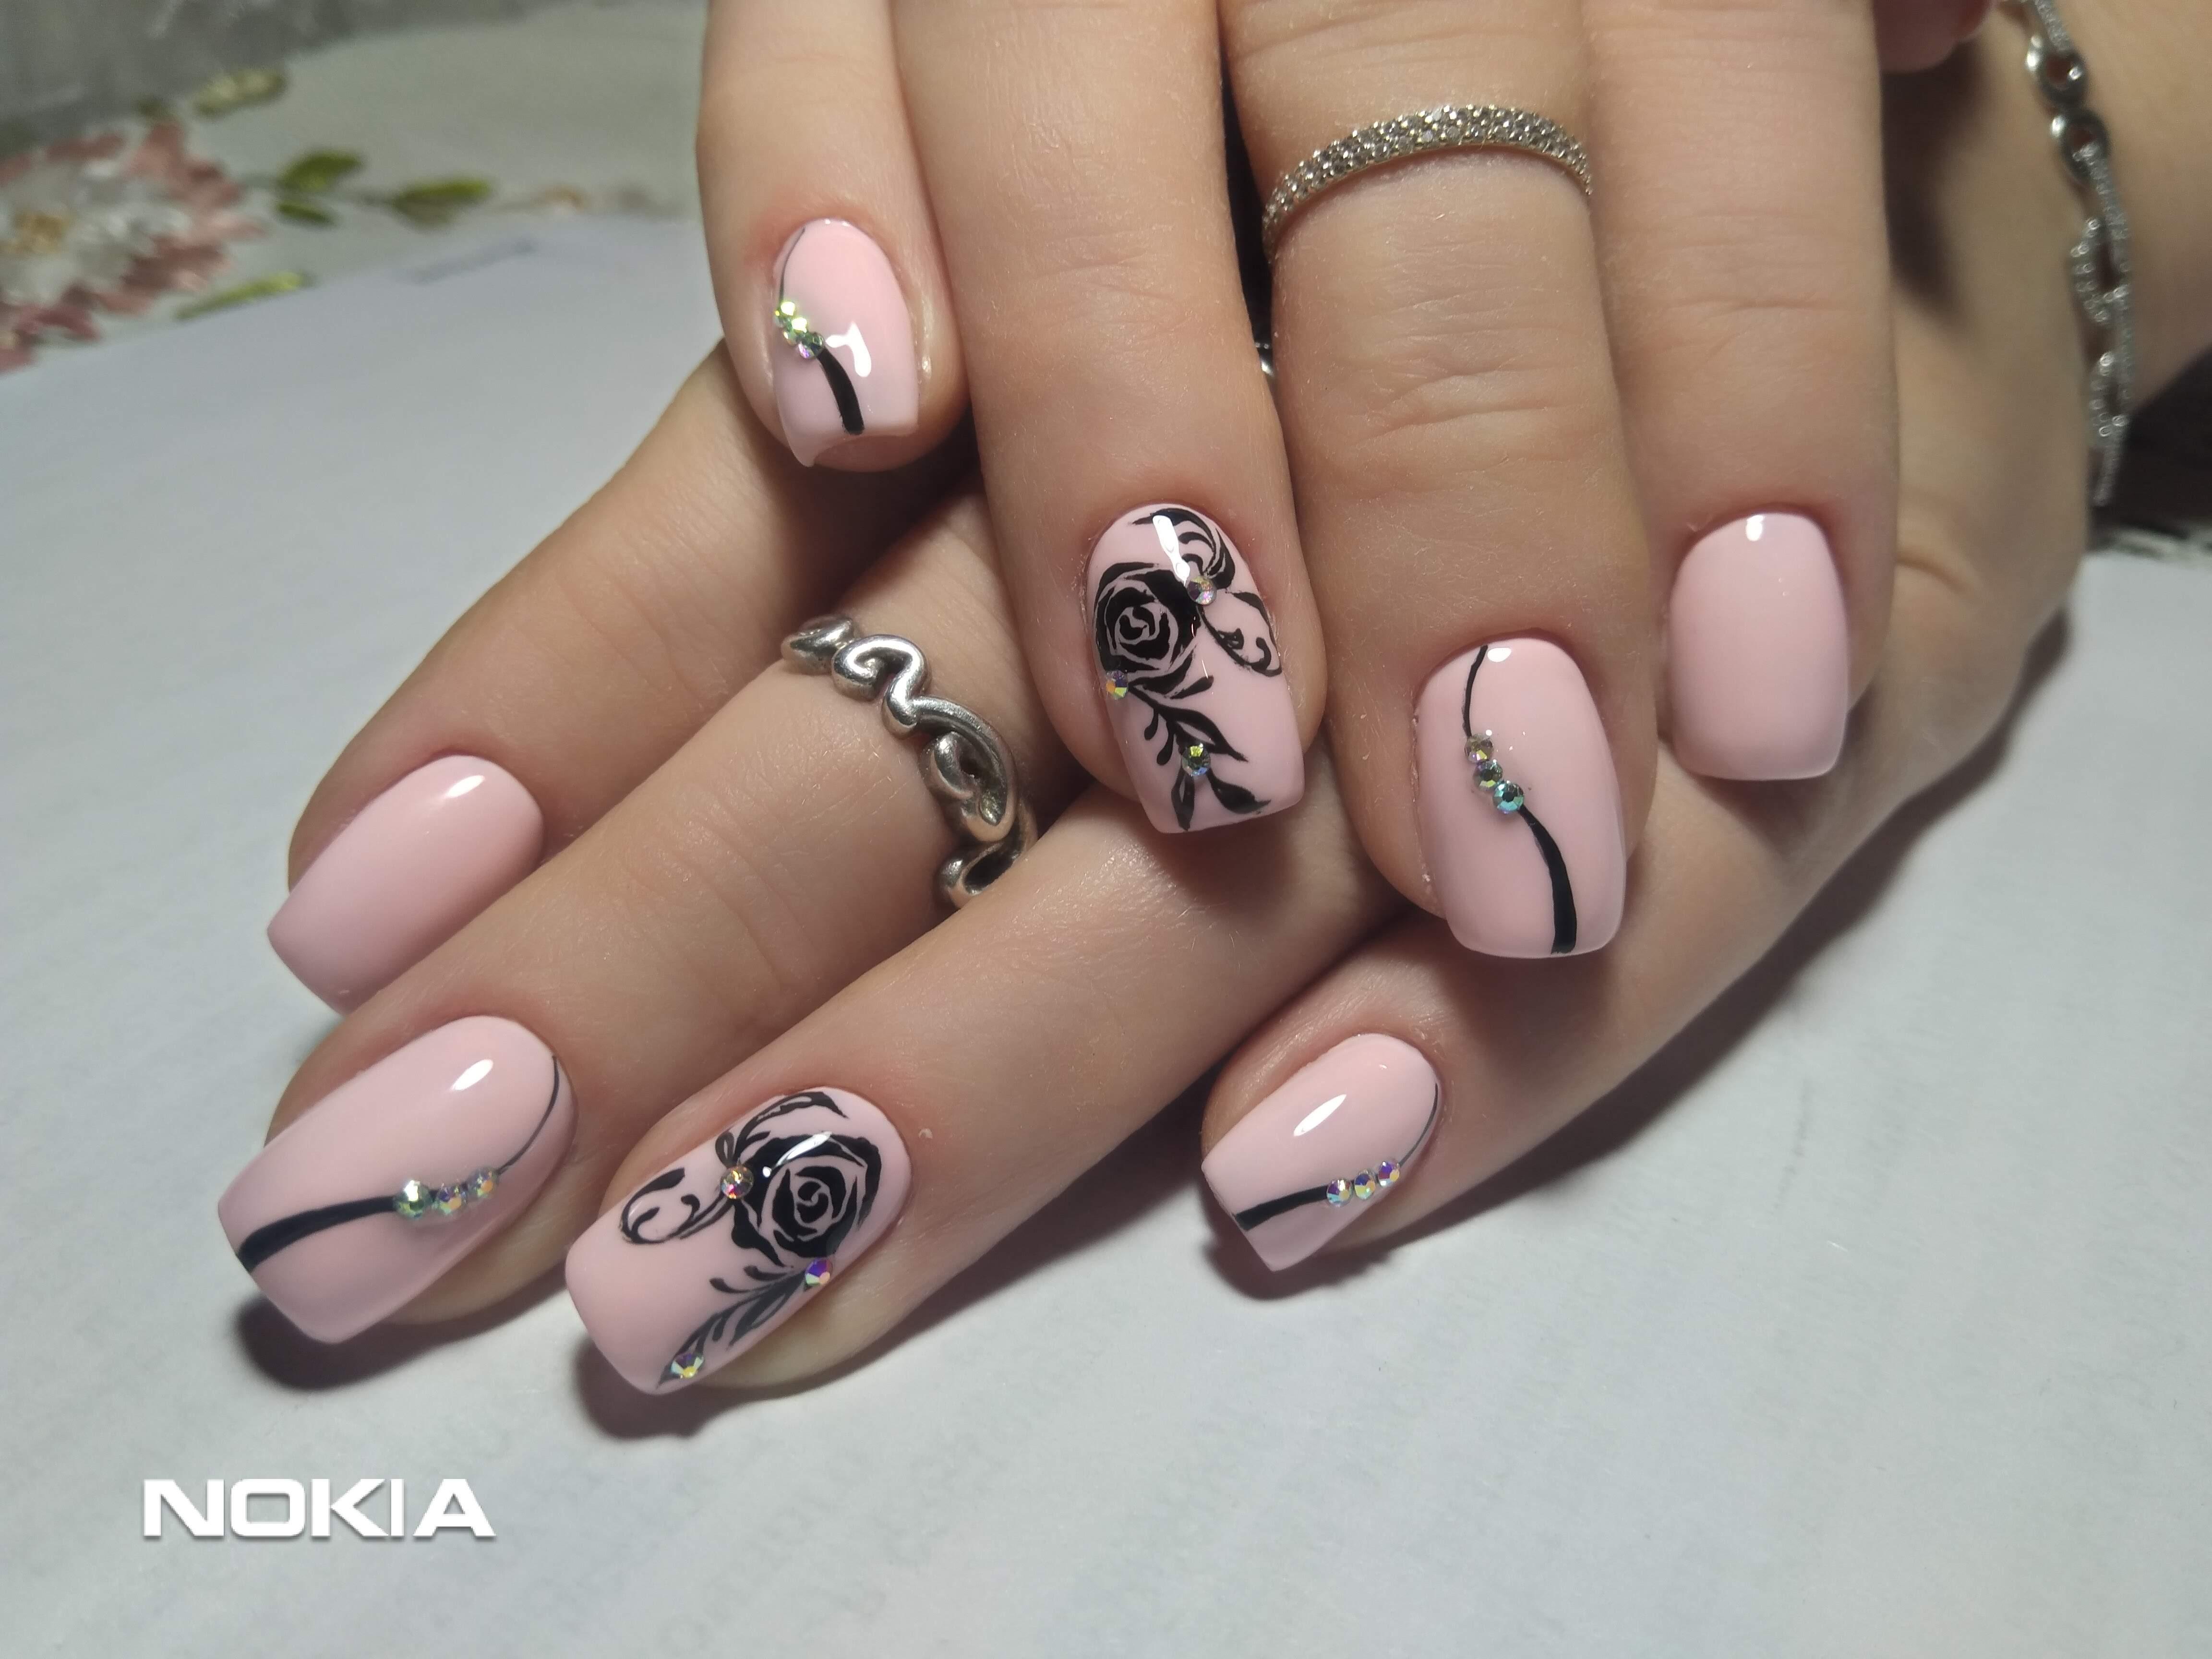 Маникюр в розовом цвете с цветочными рисунками, узорами и стразами.